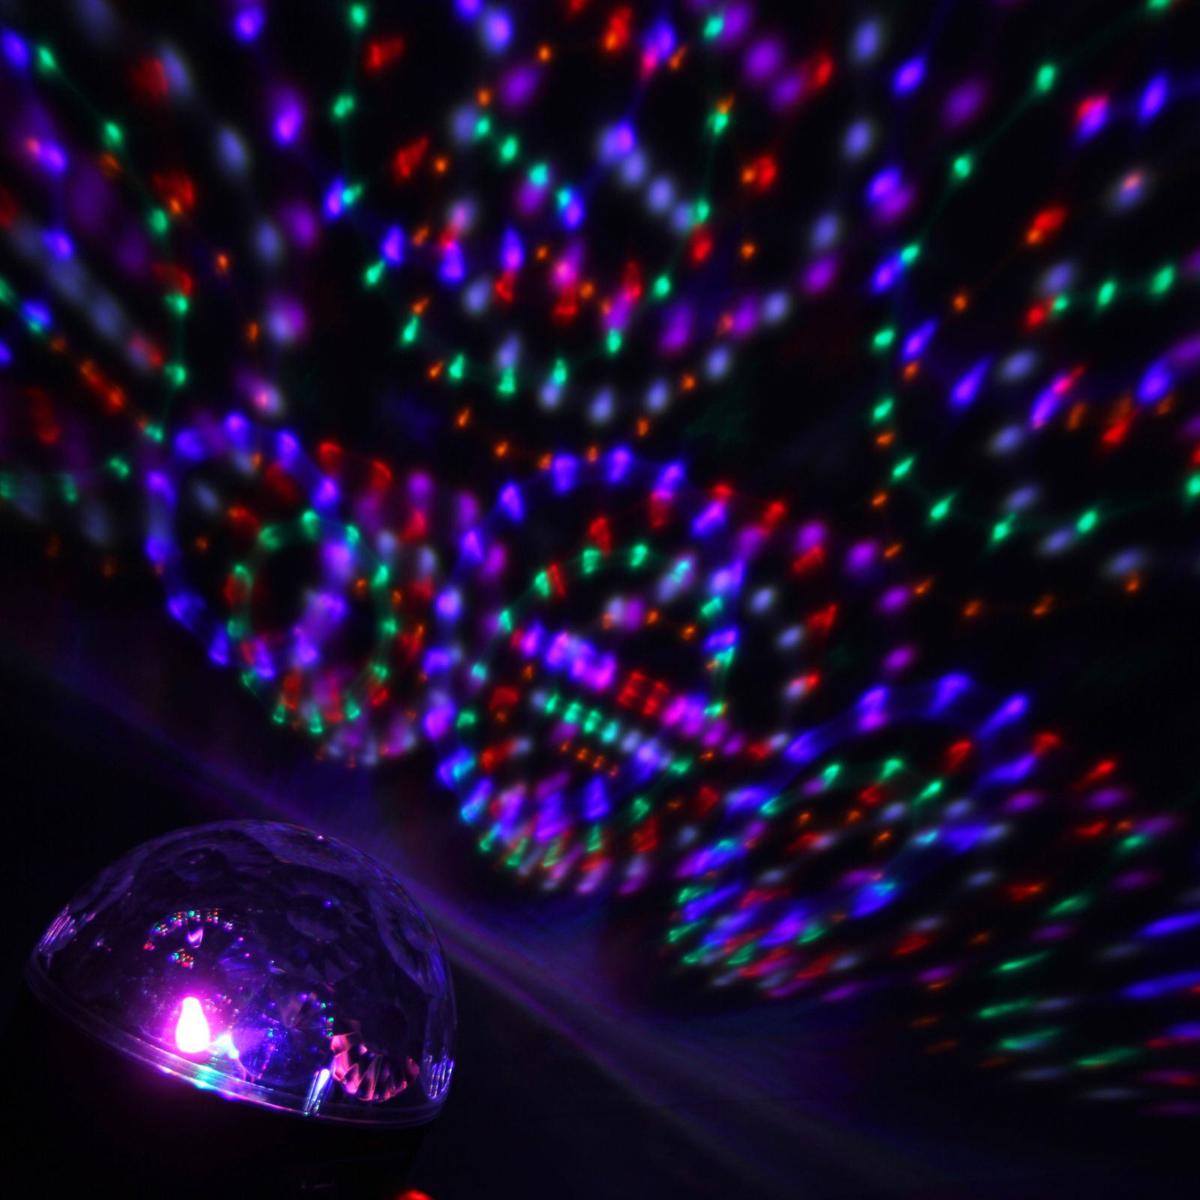 Световой прибор Luazon Радужный шар, диаметр 17,5 см, с музыкой, Bluetooth, V2201353037Светодиодные гирлянды, ленты и т.д — это отличный вариант для новогоднего оформления интерьера или фасада. С их помощью помещение любого размера можно превратить в праздничный зал, а внешние элементы зданий, украшенные ими, мгновенно станут напоминать очертания сказочного дворца. Такие украшения создают ауру предвкушения чуда. Деревья, фасады, витрины, окна и арки будто специально созданы, чтобы вы украсили их светящимися нитями.